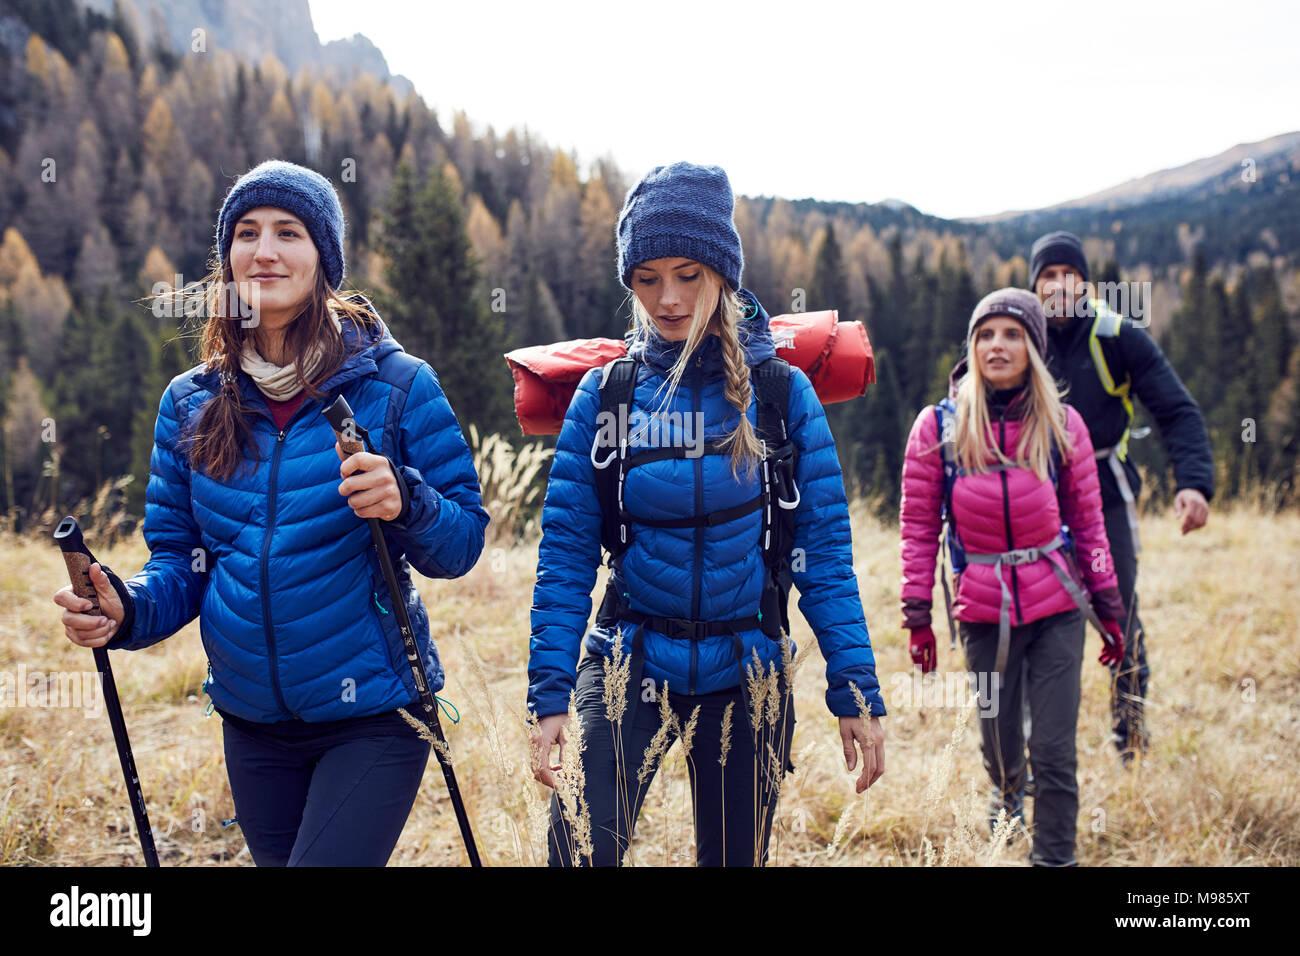 Groupe d'amis de la randonnée dans les montagnes Photo Stock